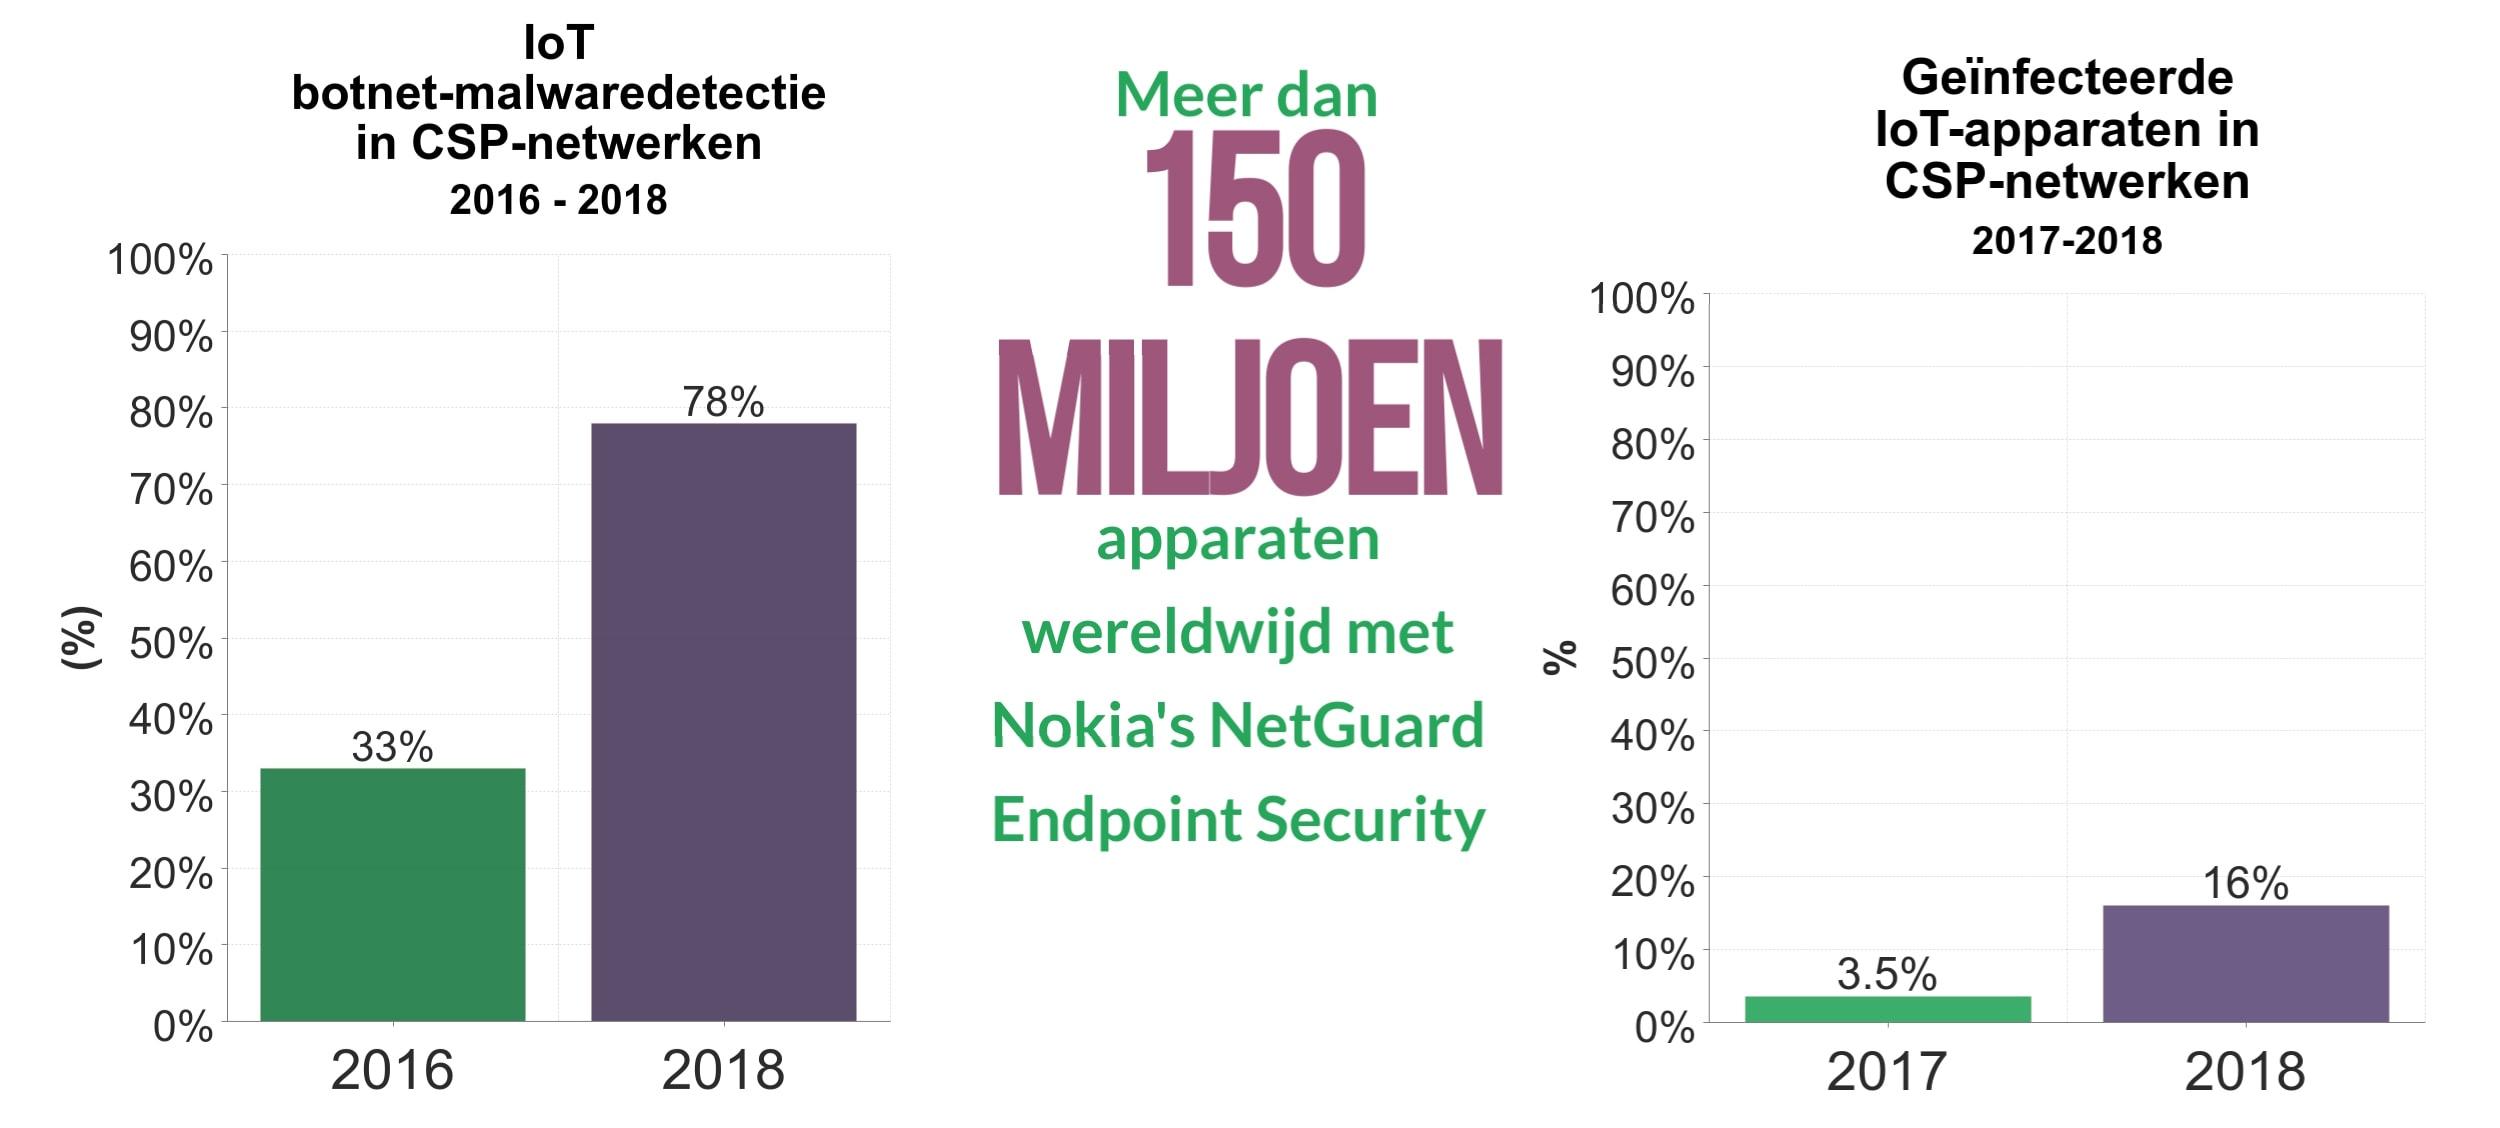 Een grafiek met het percentage IoT botnet-malwaredetectie in CSP's tussen 2016 en 2018 en van geïnfecteerde IoT-apparaten in 2017 en 2018